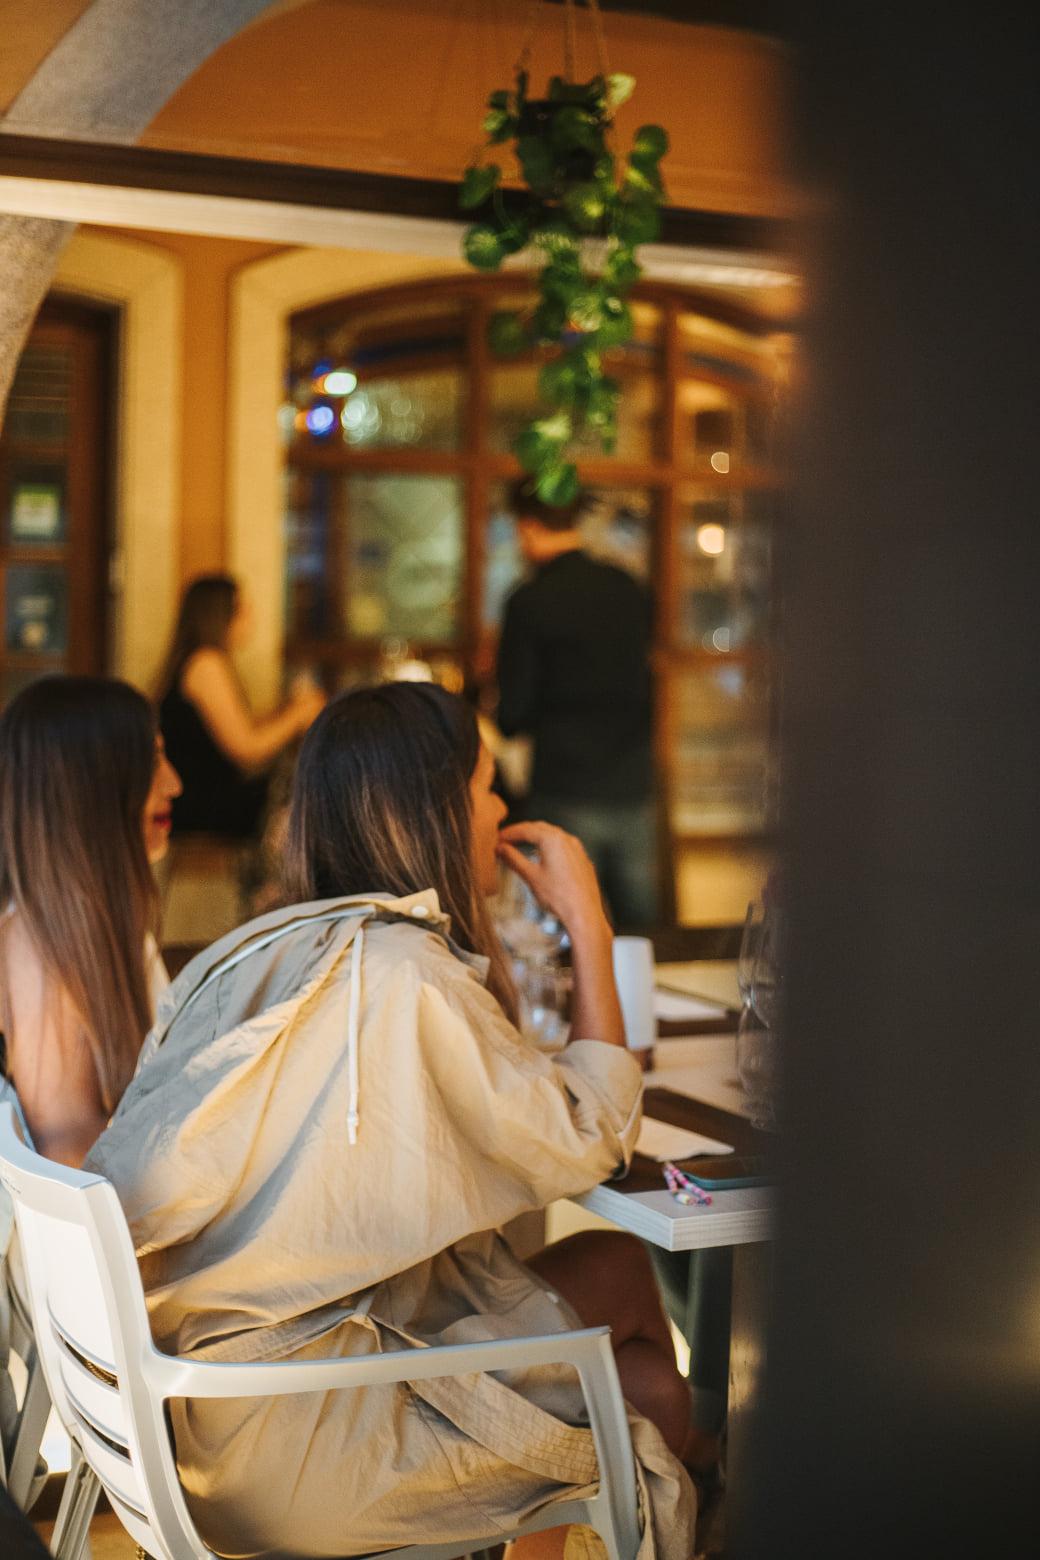 La noche de cocina Nikkei en el restaurante La Violeta, un evento culinario de primer nivel 39